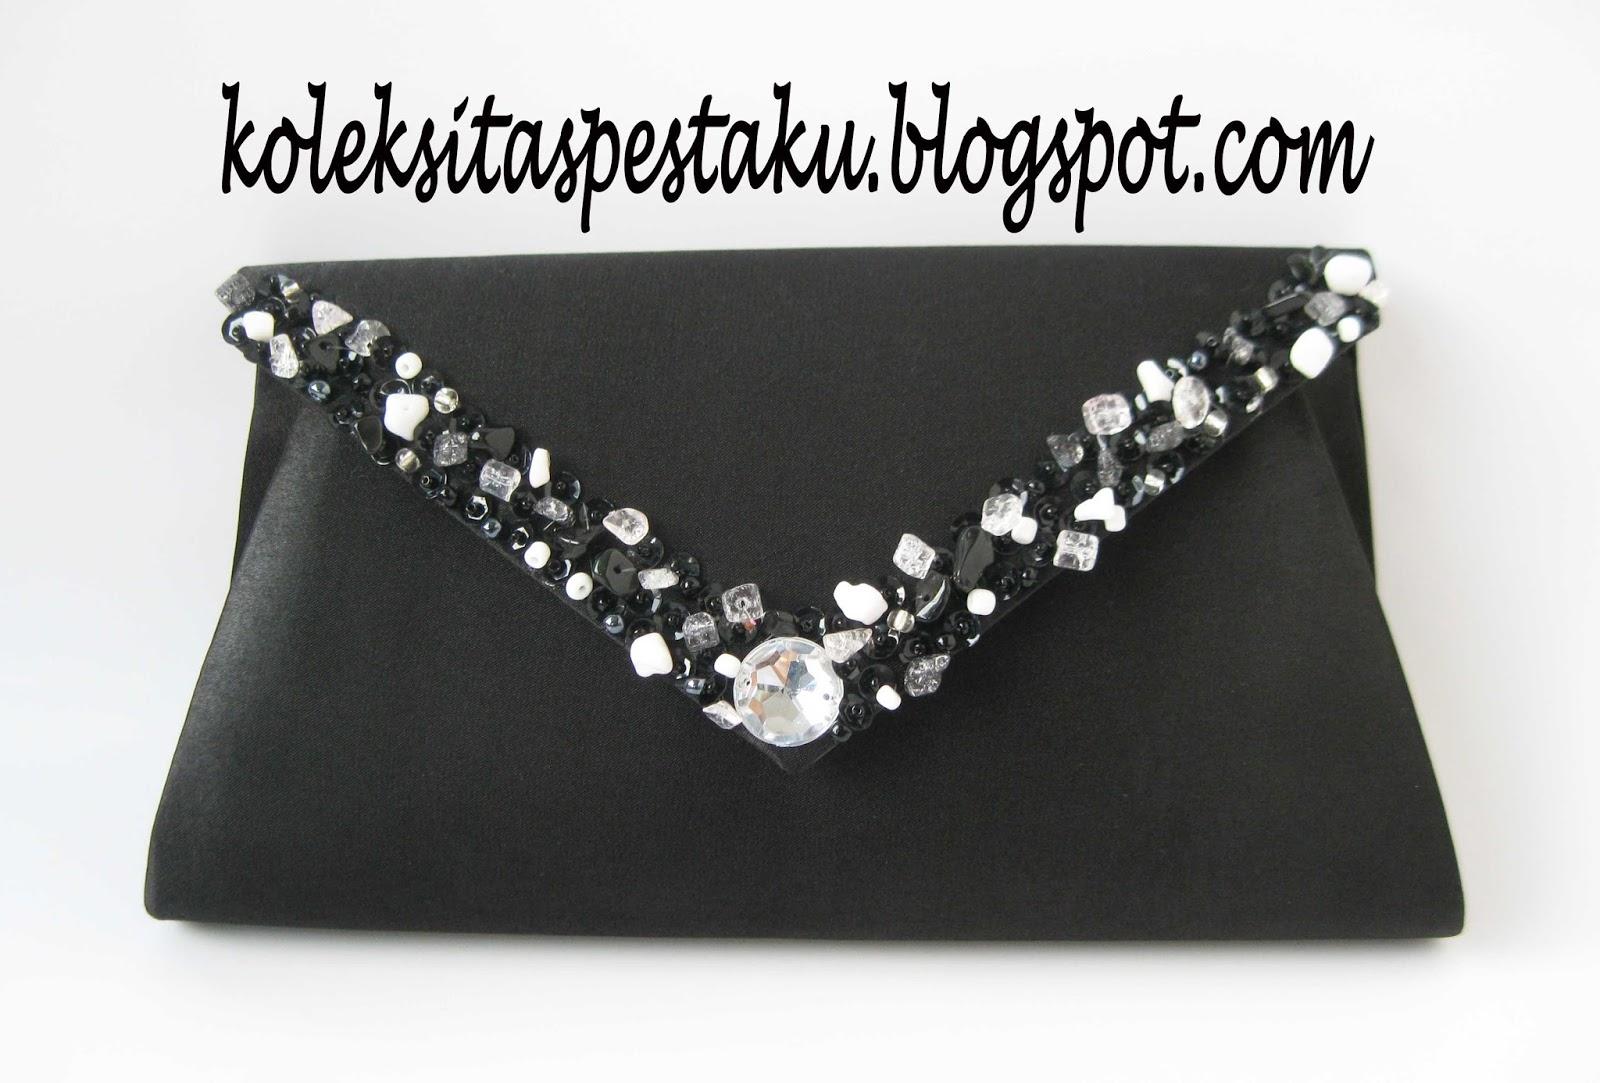 Tas Pesta - Clutch Bag  taspestaku  Jual Envelope Bag - Tas Pesta ... 3e4195974a